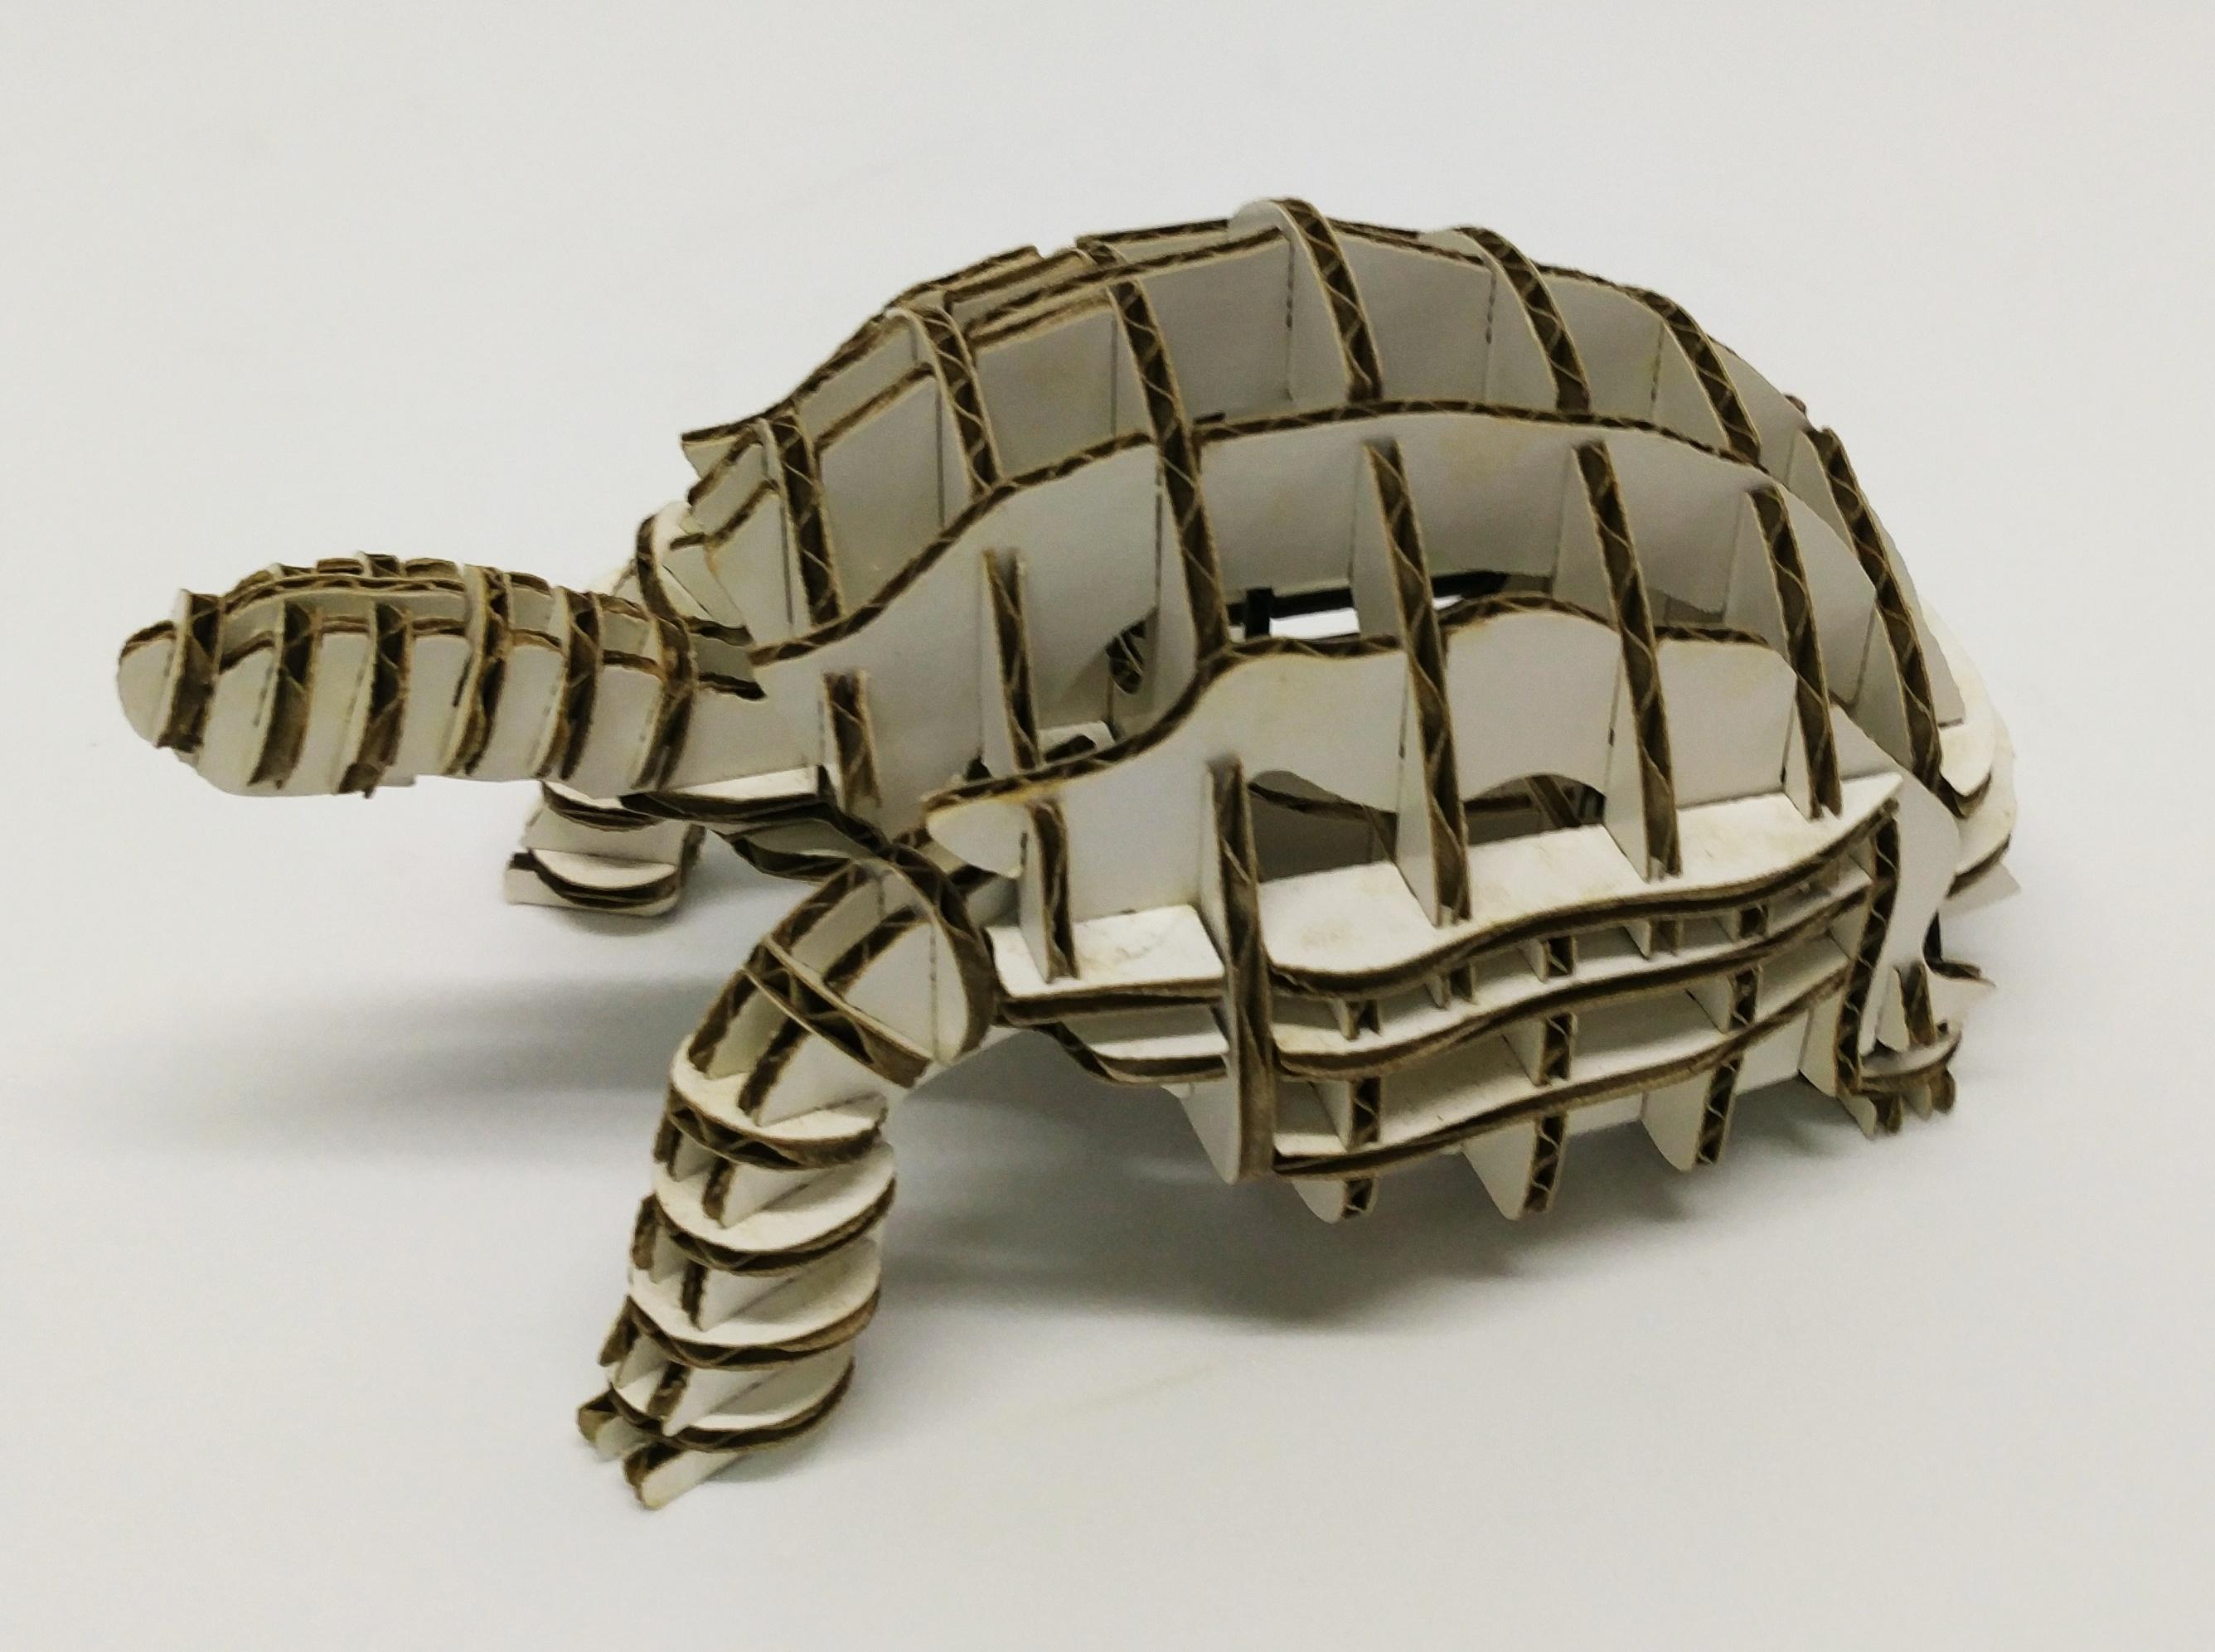 紙烏龜模型